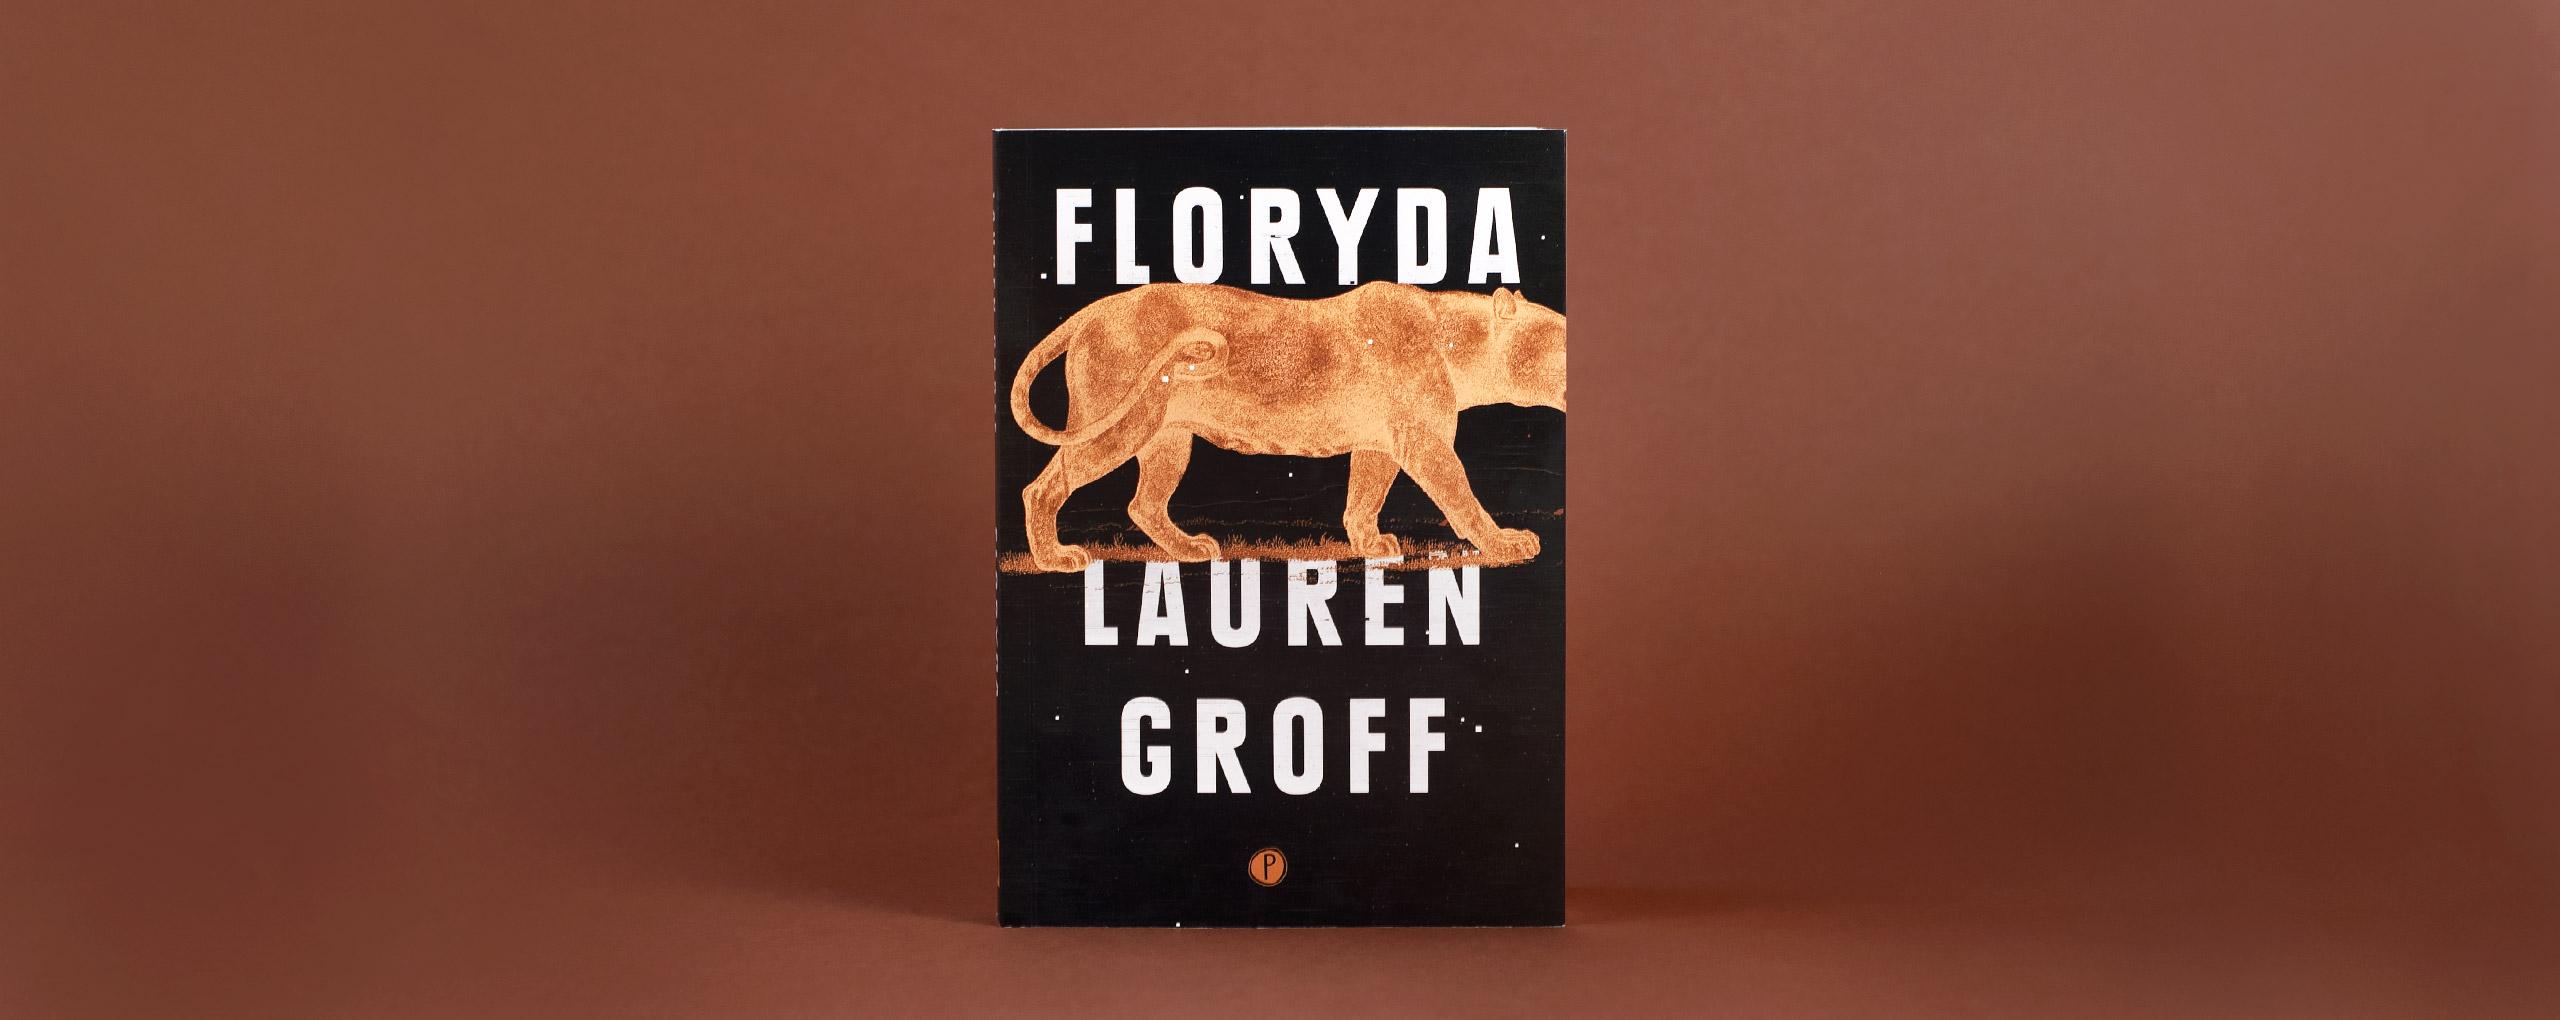 Floryda - Lauren Groff